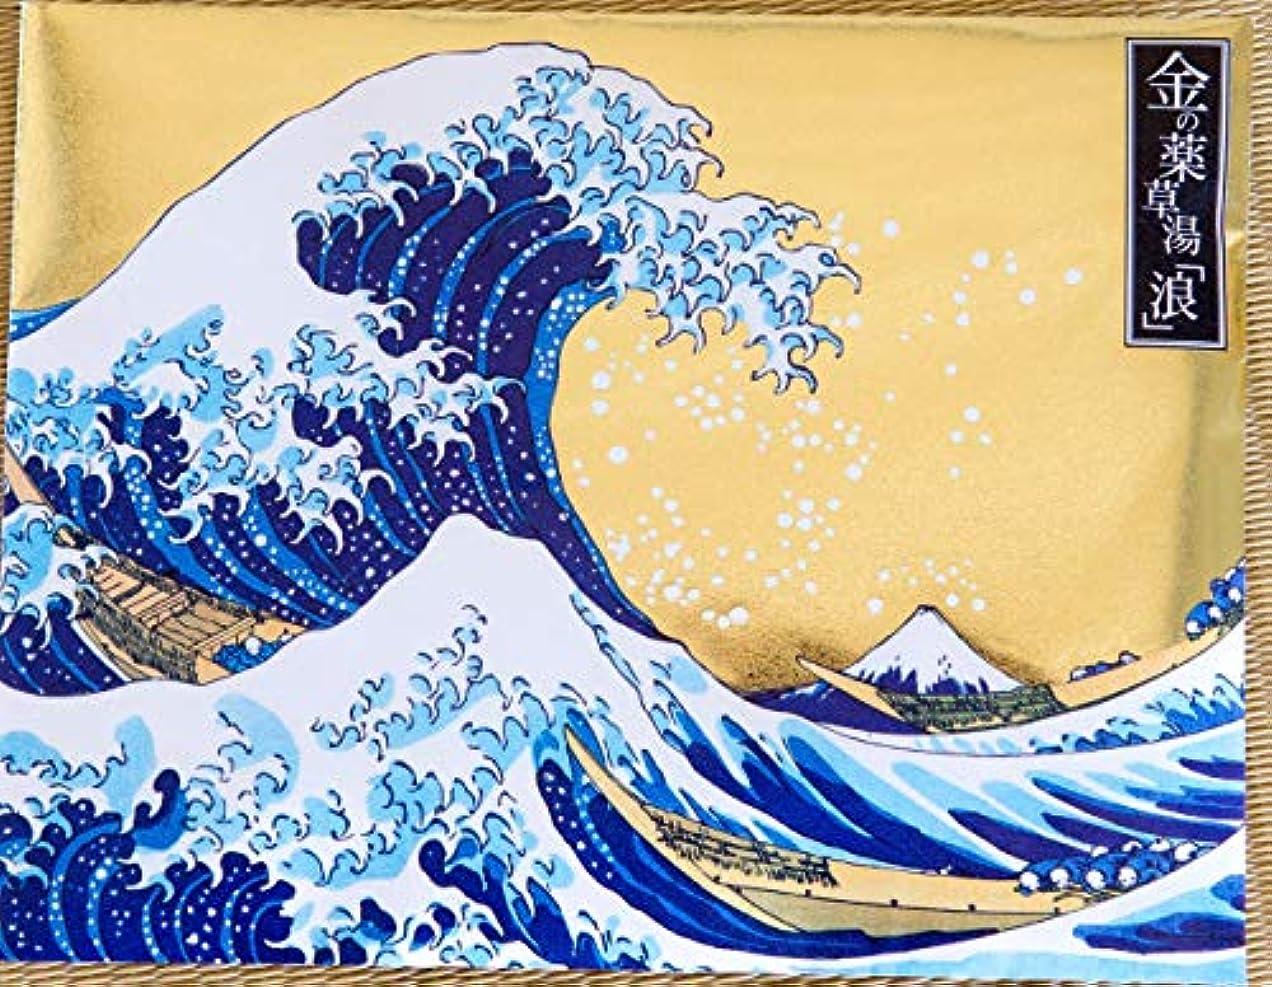 同化する損失おしゃれな金の薬草湯「浪」 神奈川沖浪裏(富嶽三十六景)